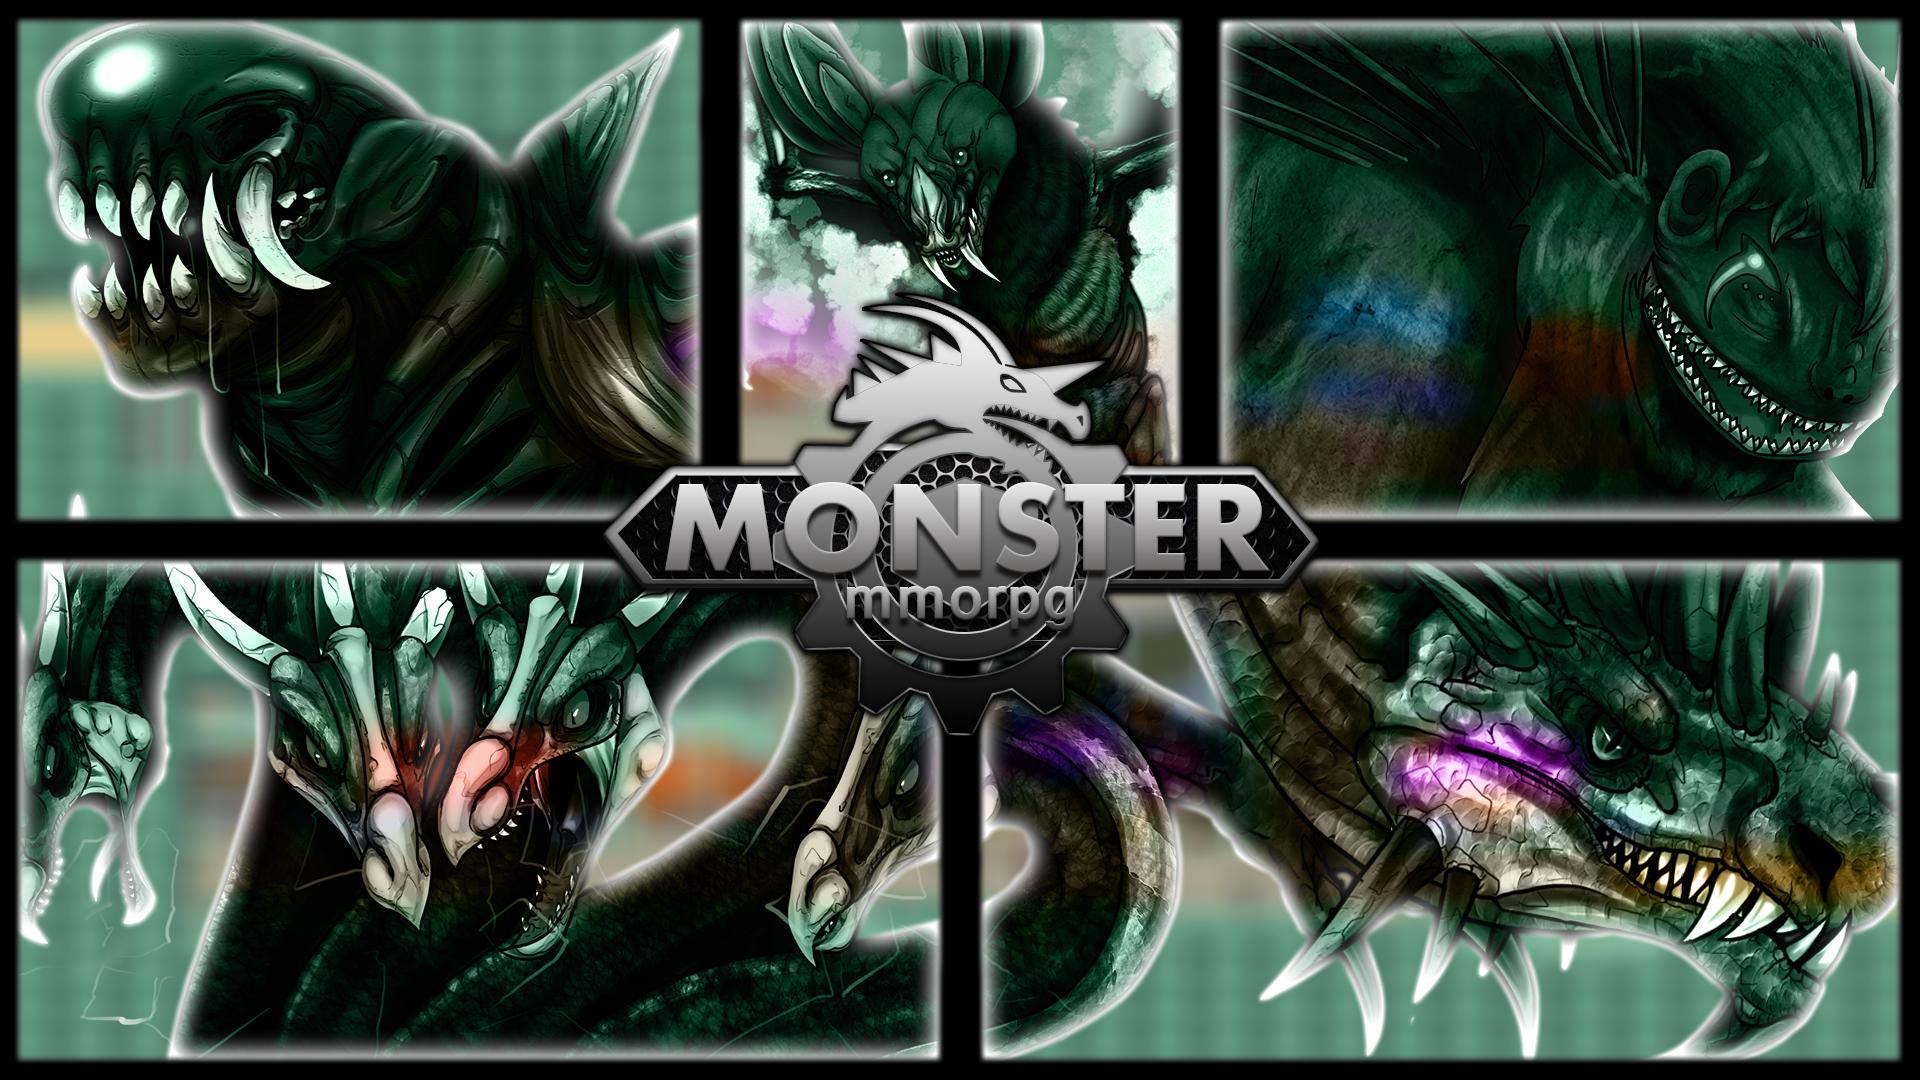 Monster MMORPG V 2 3 7 Update 10 April 2014 - New monsters